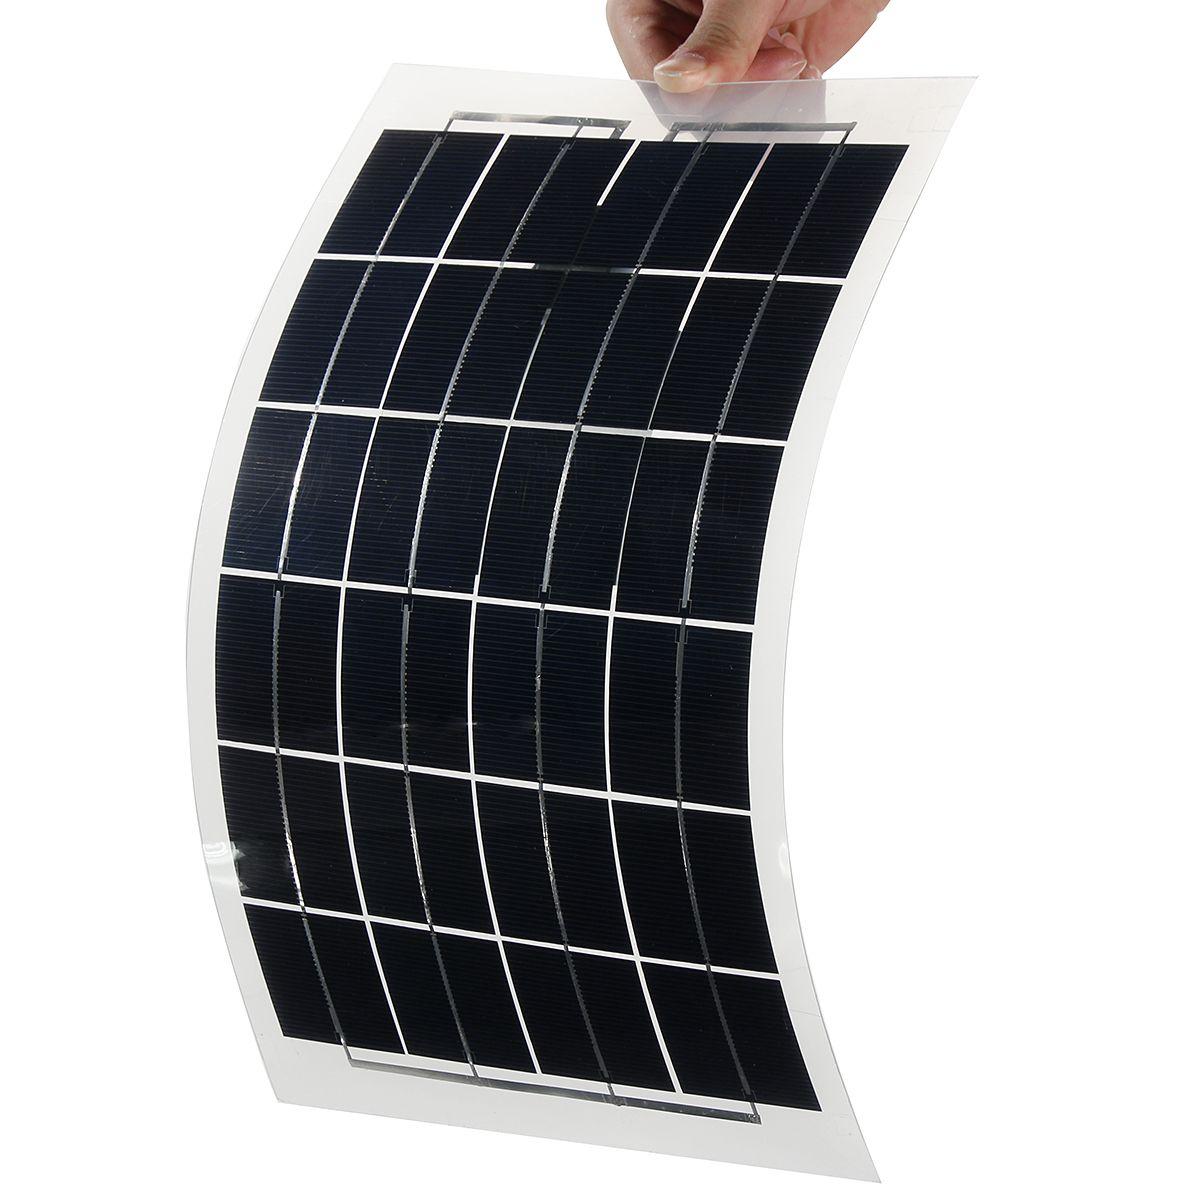 11w 5v Panel Sun Power Solar Con Interfaz Usb Para Ventilacion De Energia Domestica Solar Panels Solar Sun Power